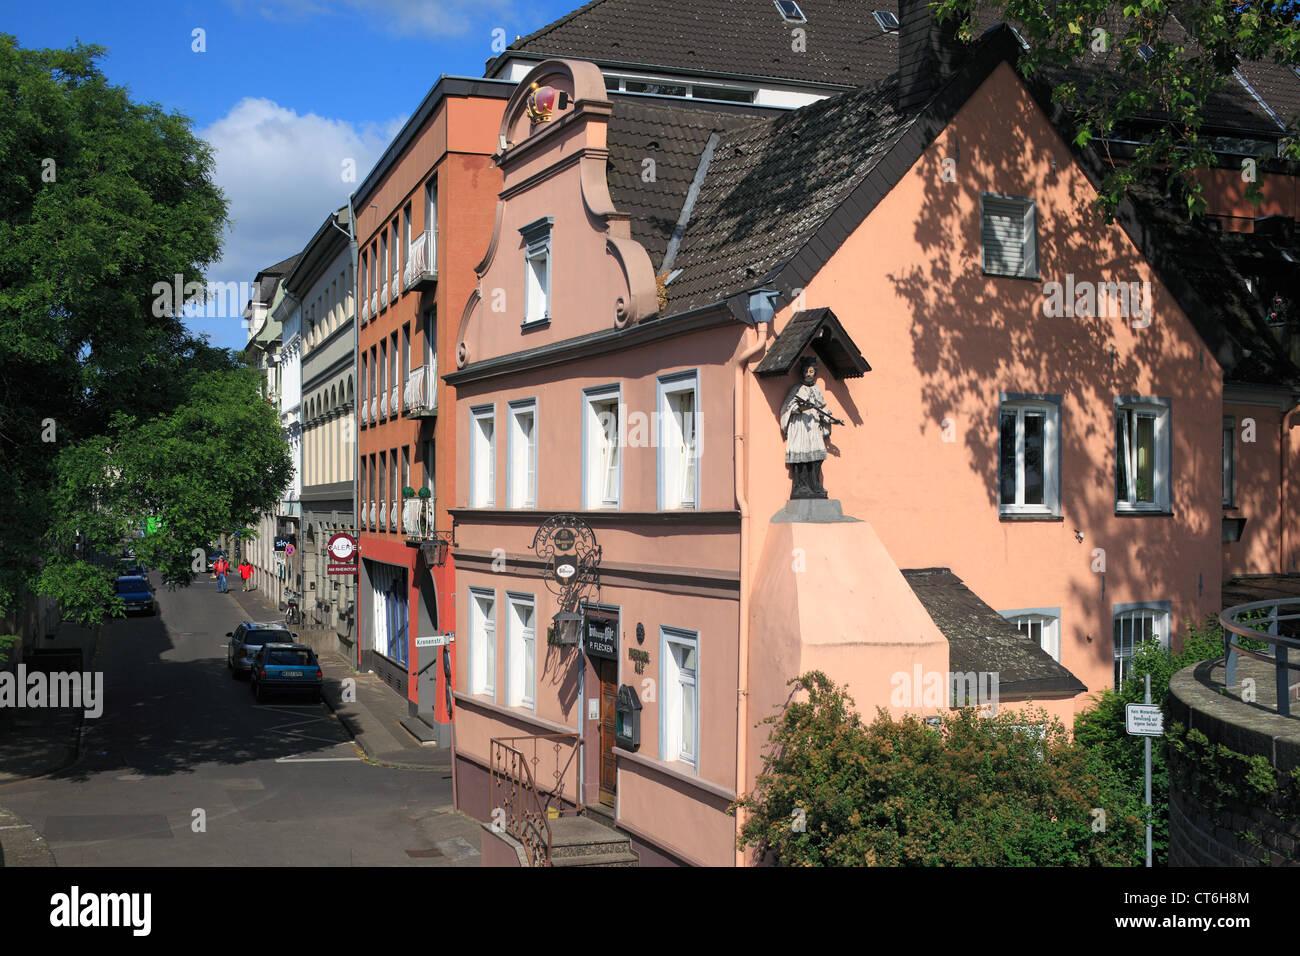 Herrschaftliche Wohnhaeuser in der Strasse Am Rheintor in Krefeld-Uerdingen, Niederrhein, Nordrhein-Westfalen - Stock Image